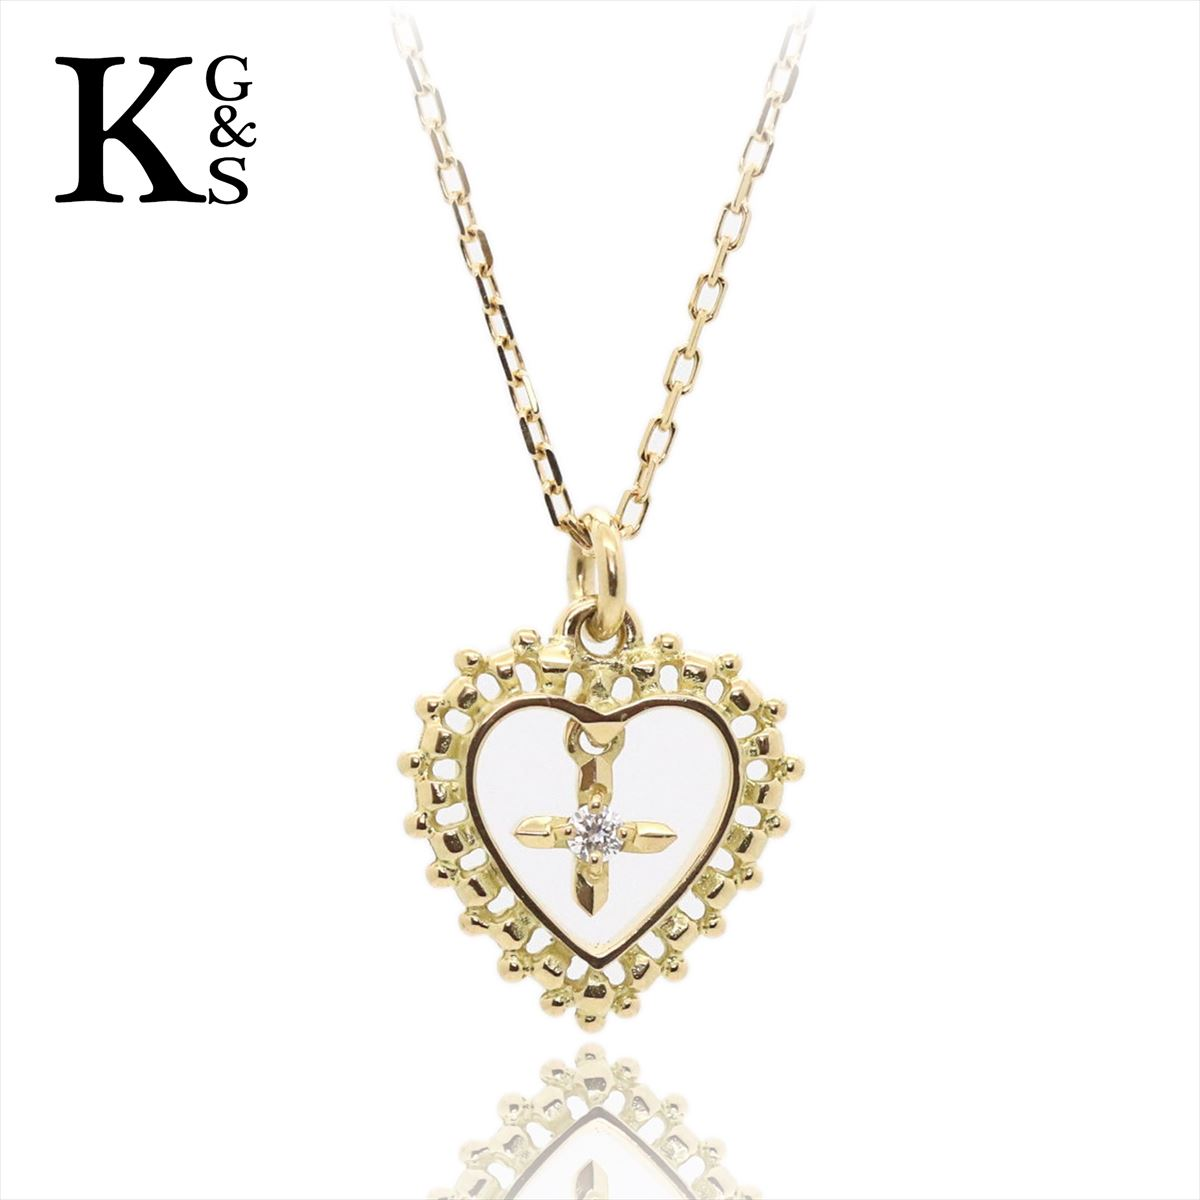 【ギフト品質】AHKAH / アーカー レディース ジュエリー ラブランハート 1Pダイヤ ネックレス イエローゴールド K18YG 1227